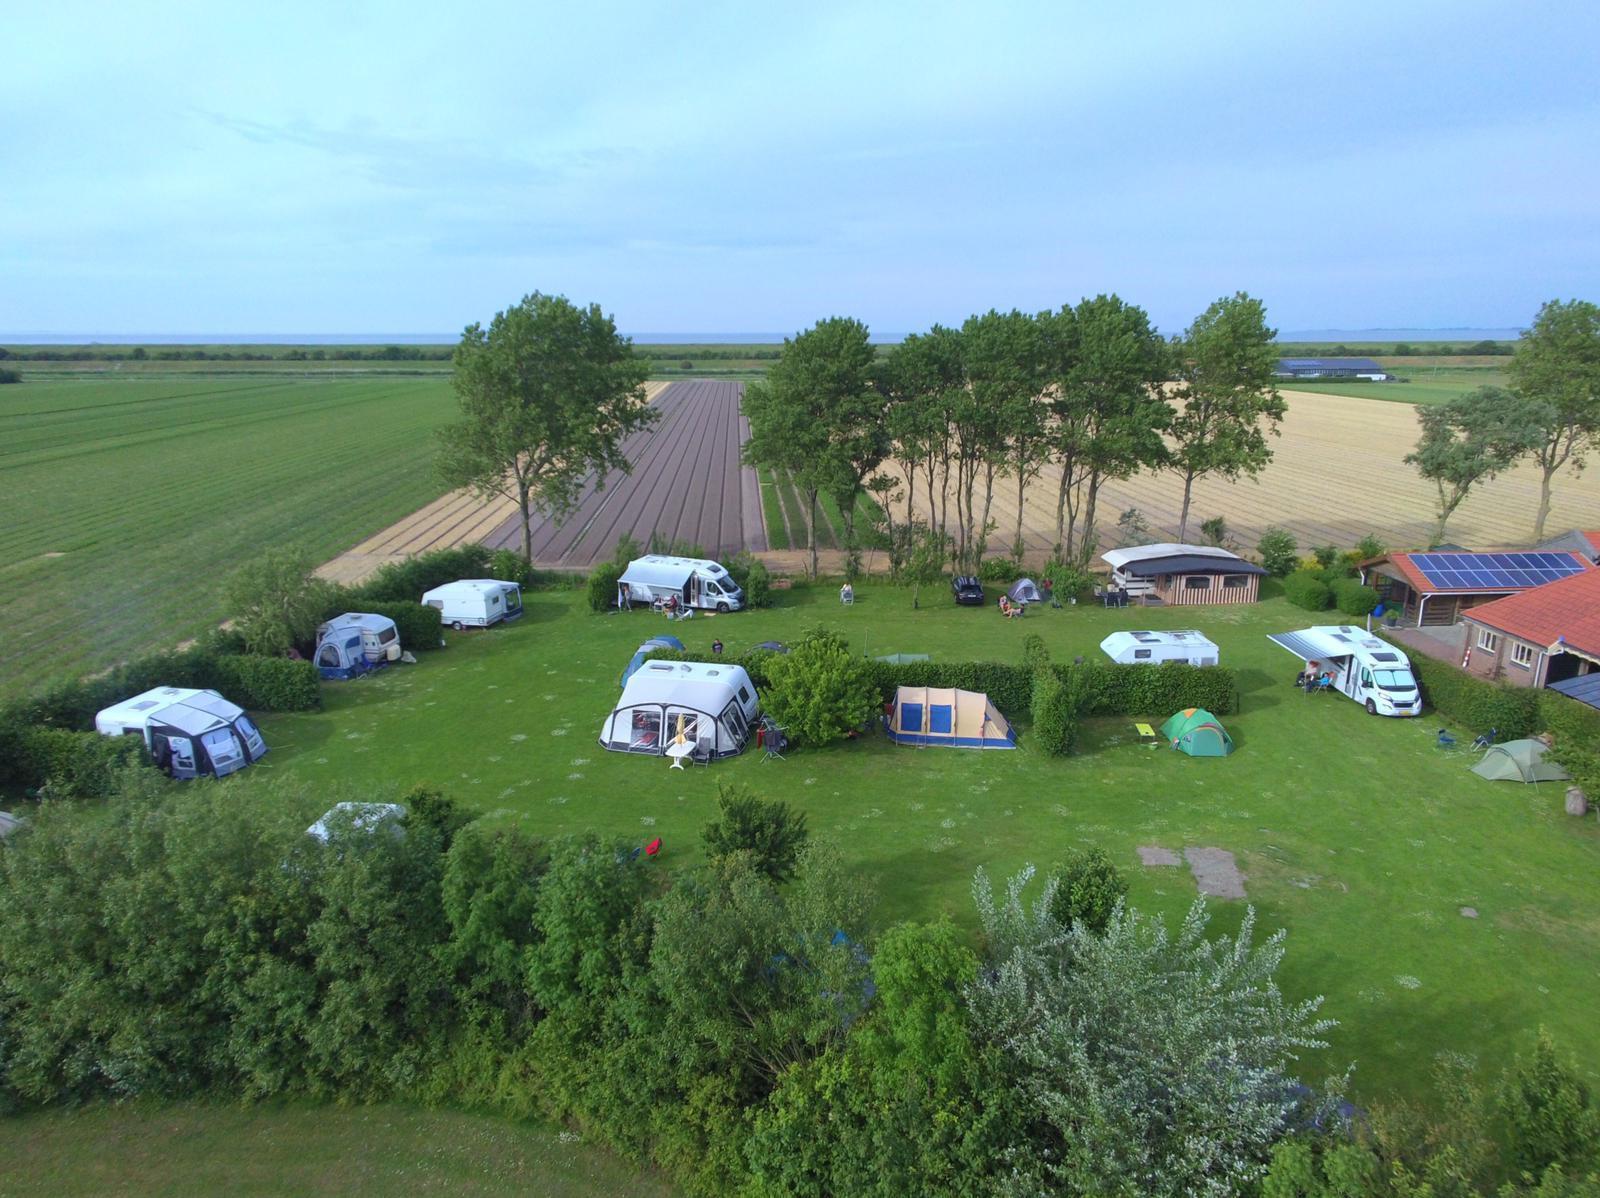 Camping De Tulpenweide